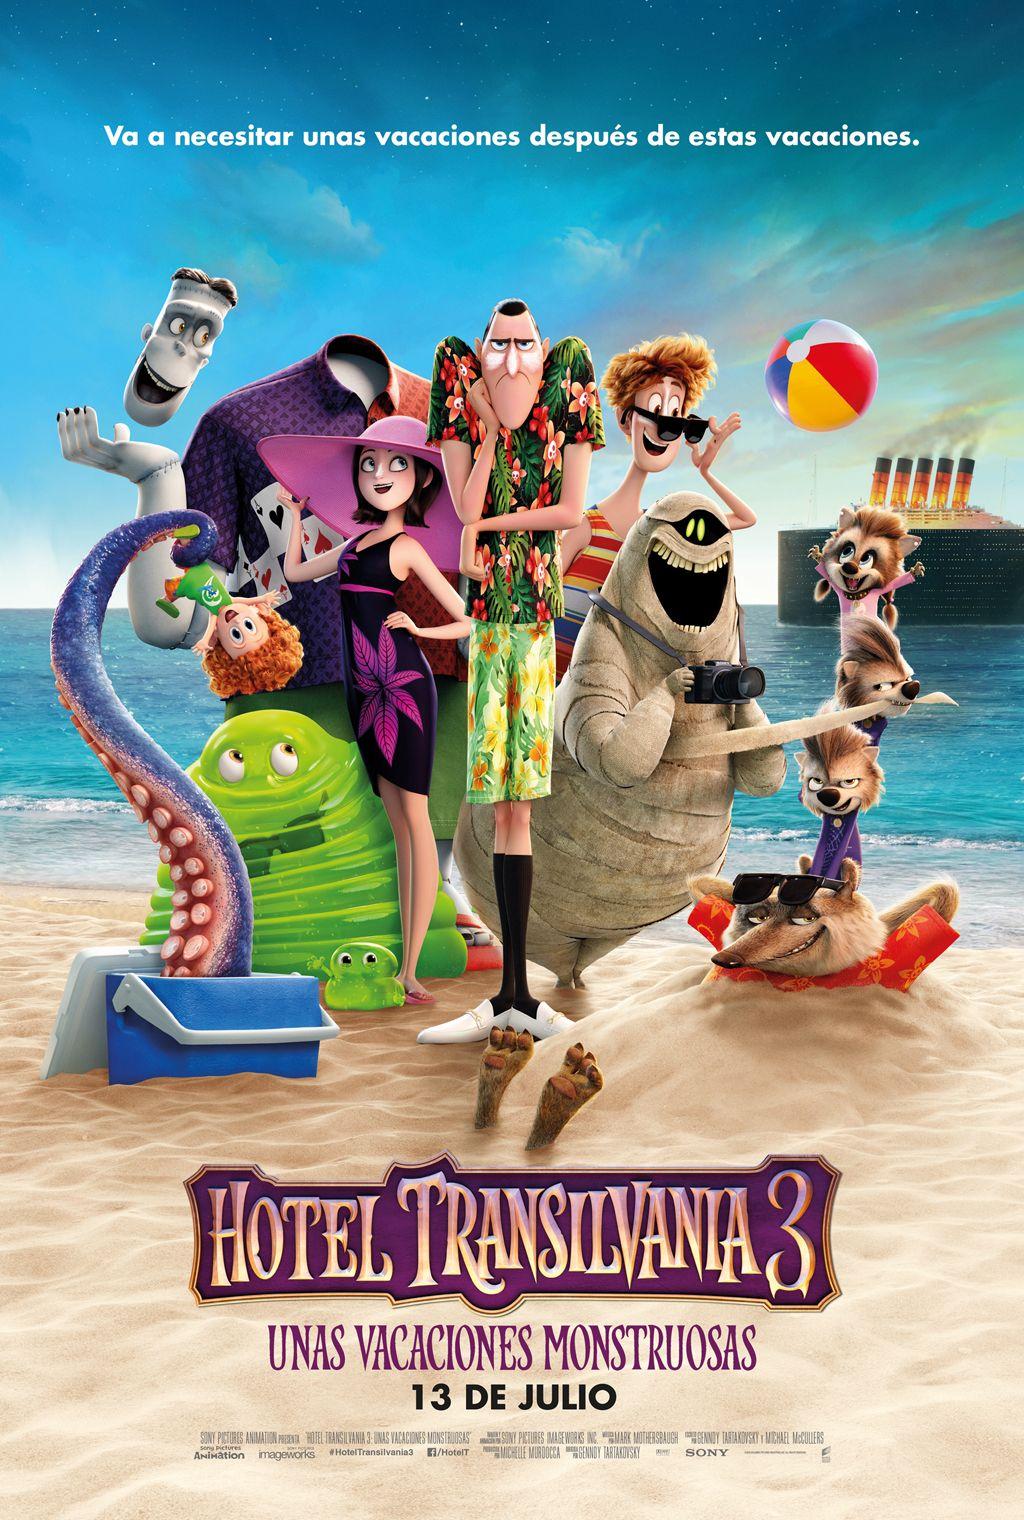 Hotel Transilvania 3 Nuevo Póster Con Los Monstruos Estilo Playero